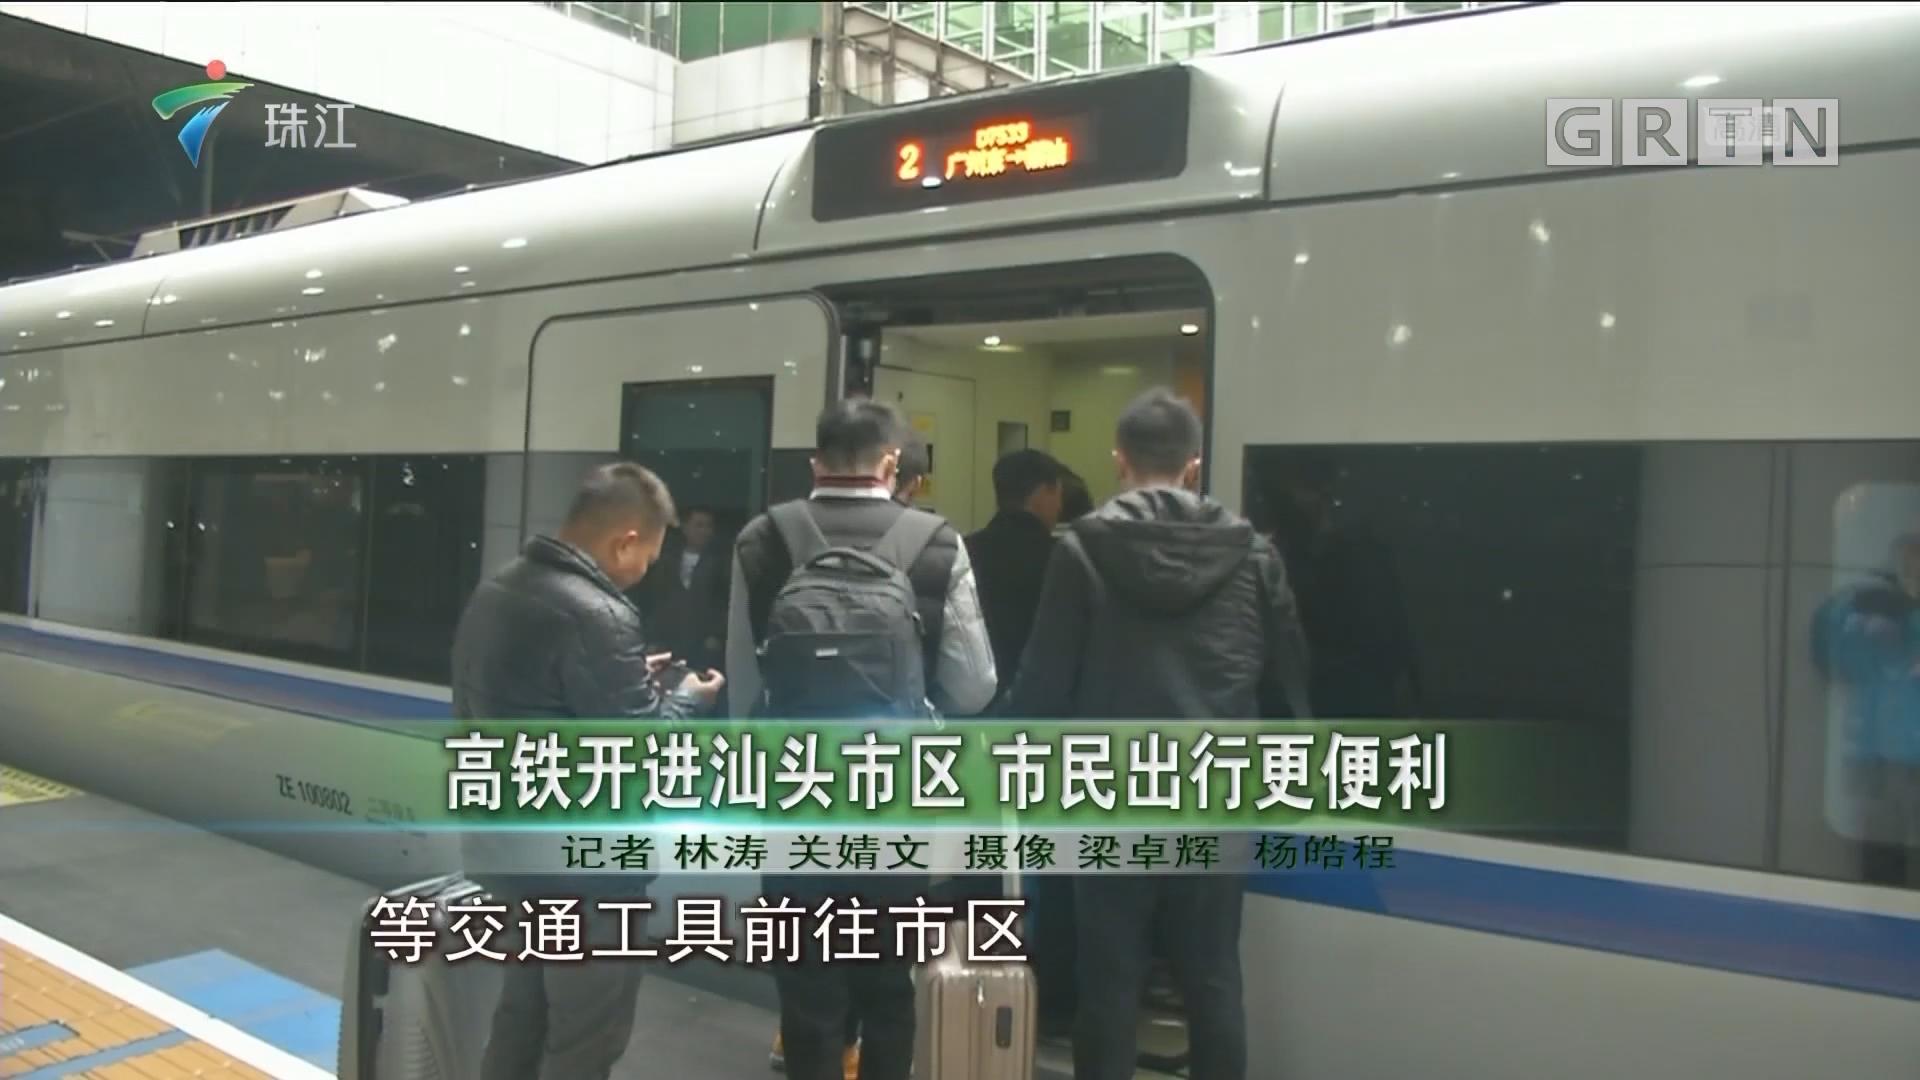 高铁开进汕头市区 市民出行更便利